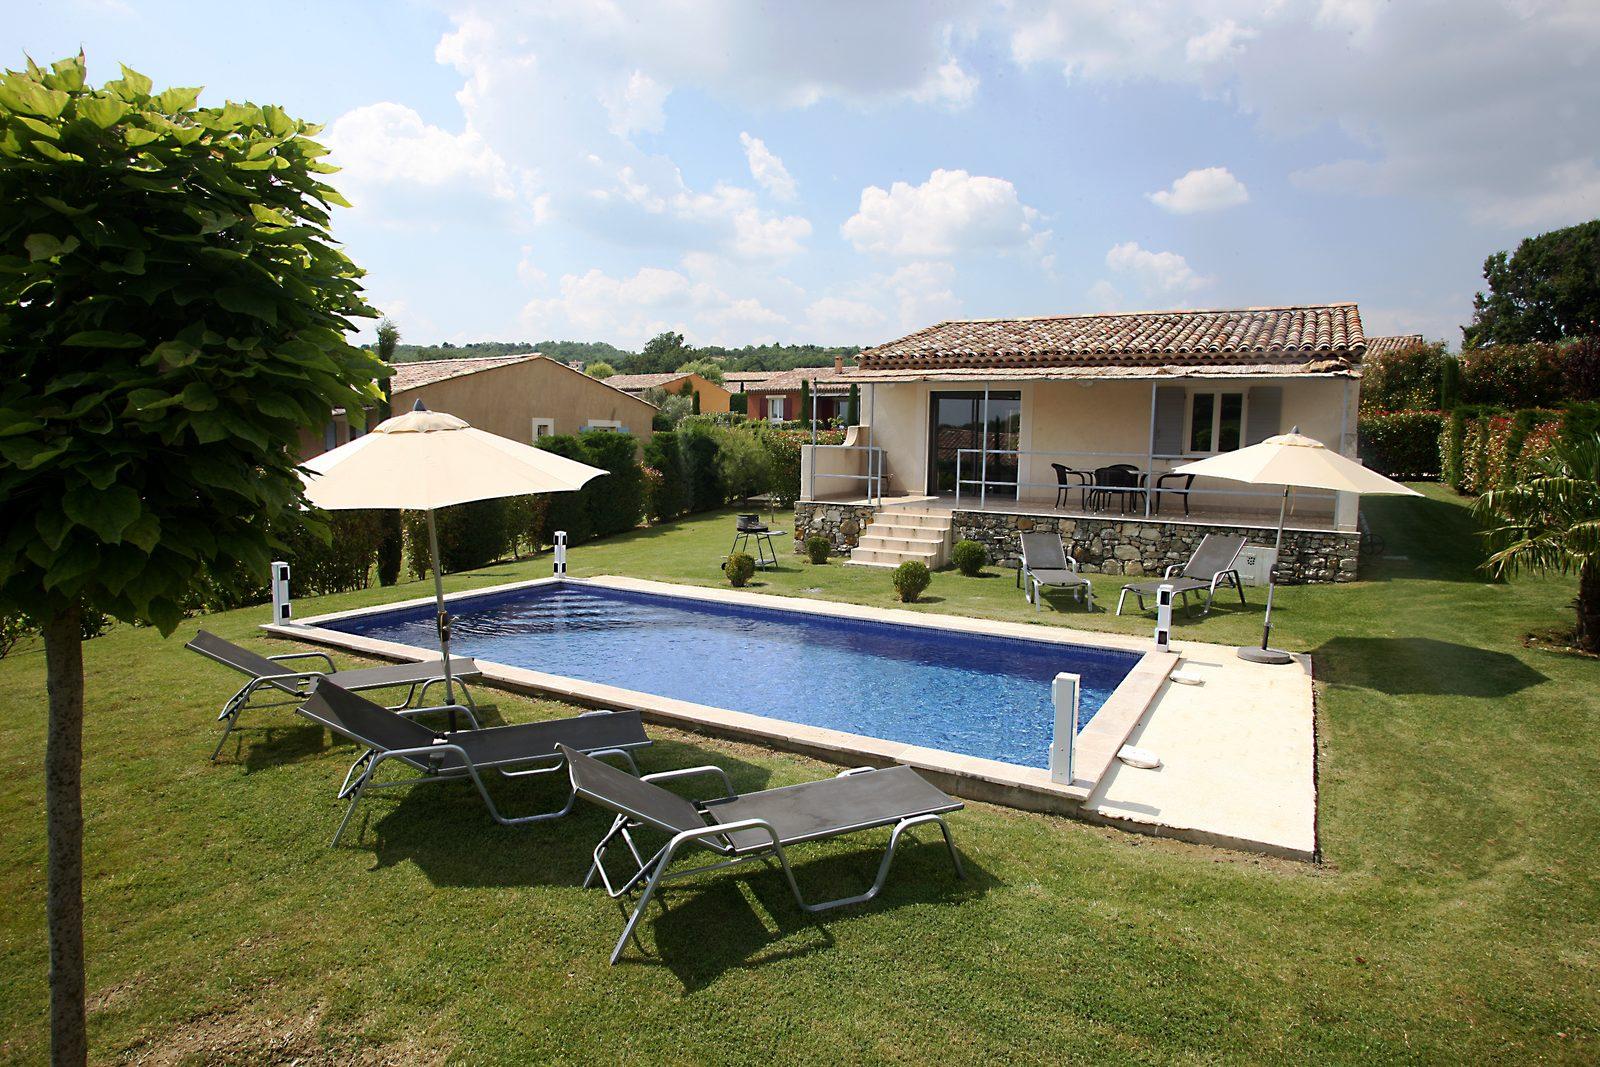 Kleinschalig vakantiepark Beaudine in Provence Frankrijk